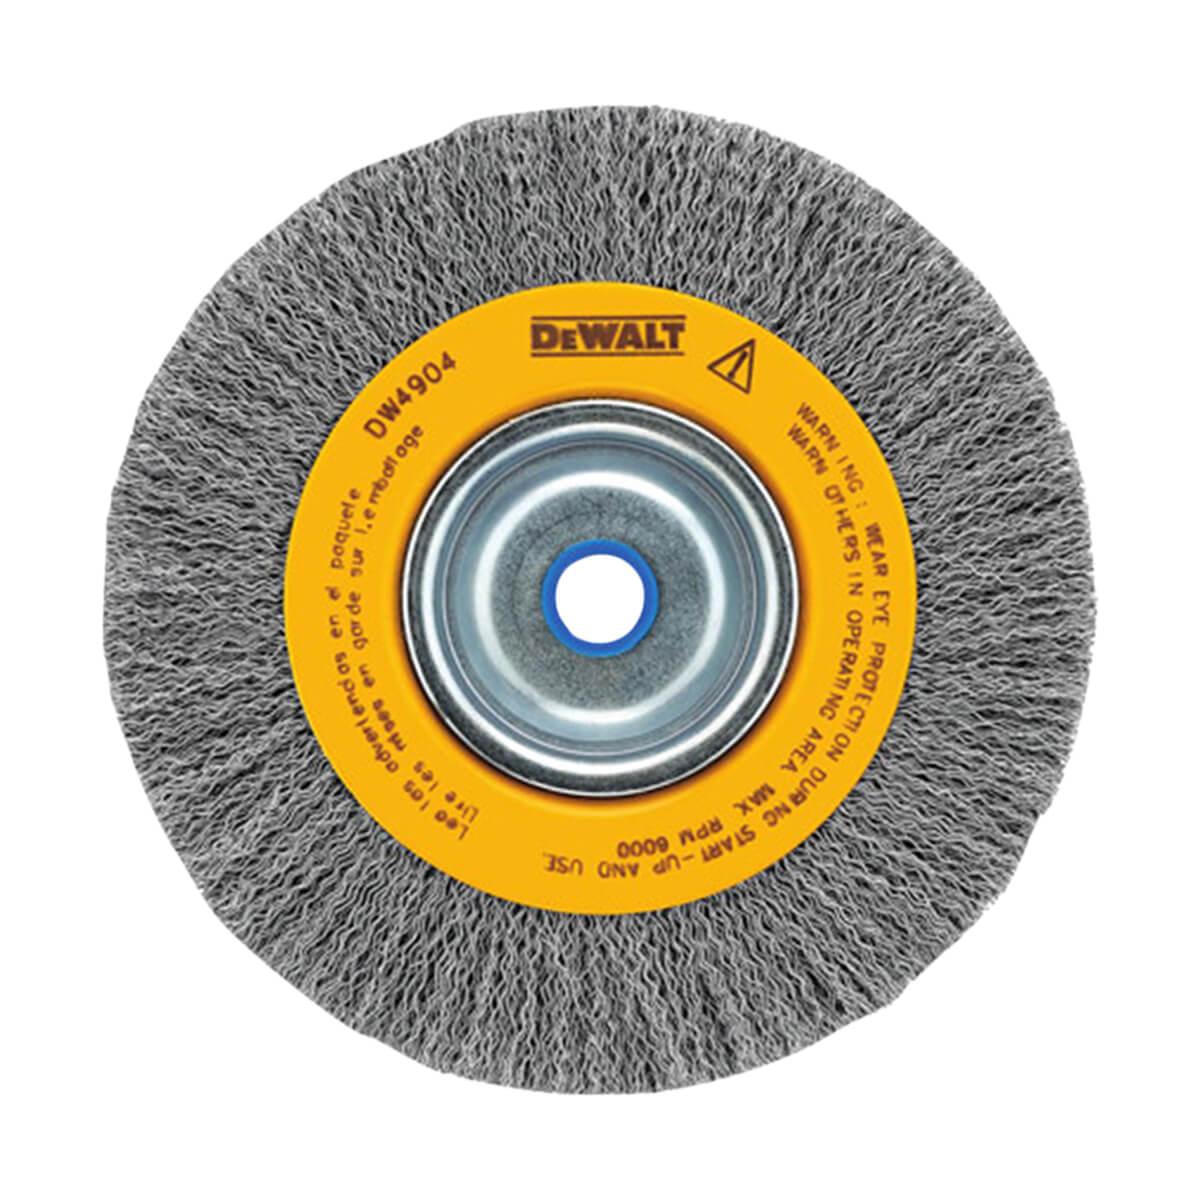 DEWALT Crimped Wire Wheel Brush - DW4904